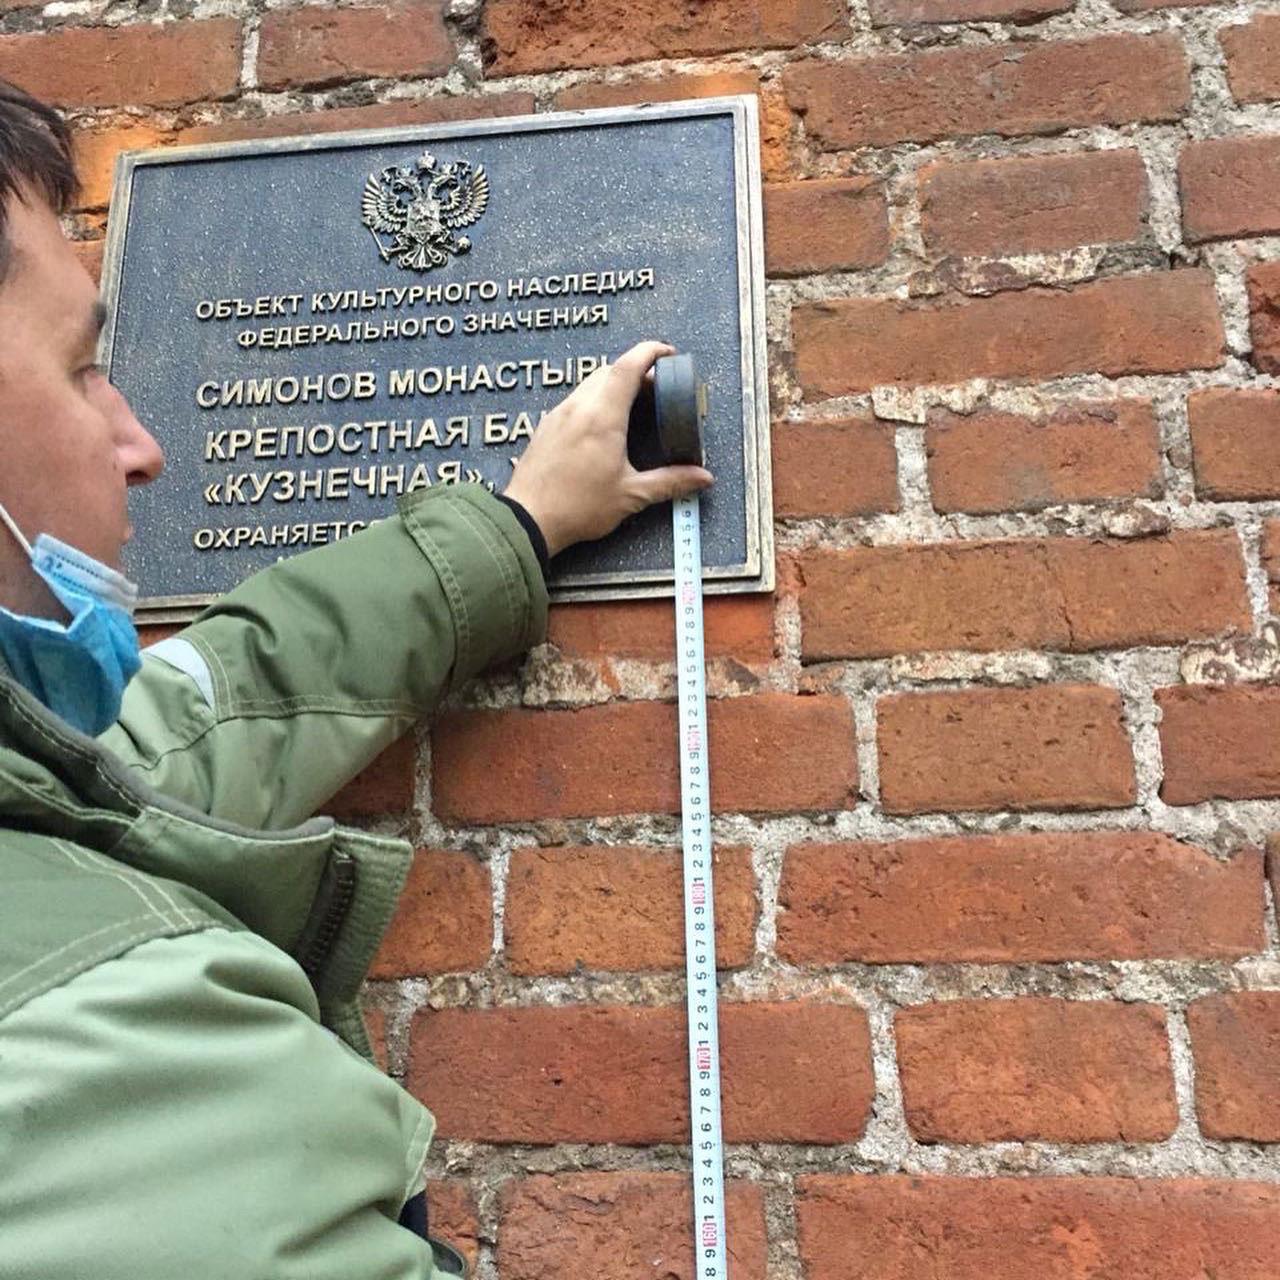 Информационные надписи на памятниках ансамбля бывшего Симонова монастыря